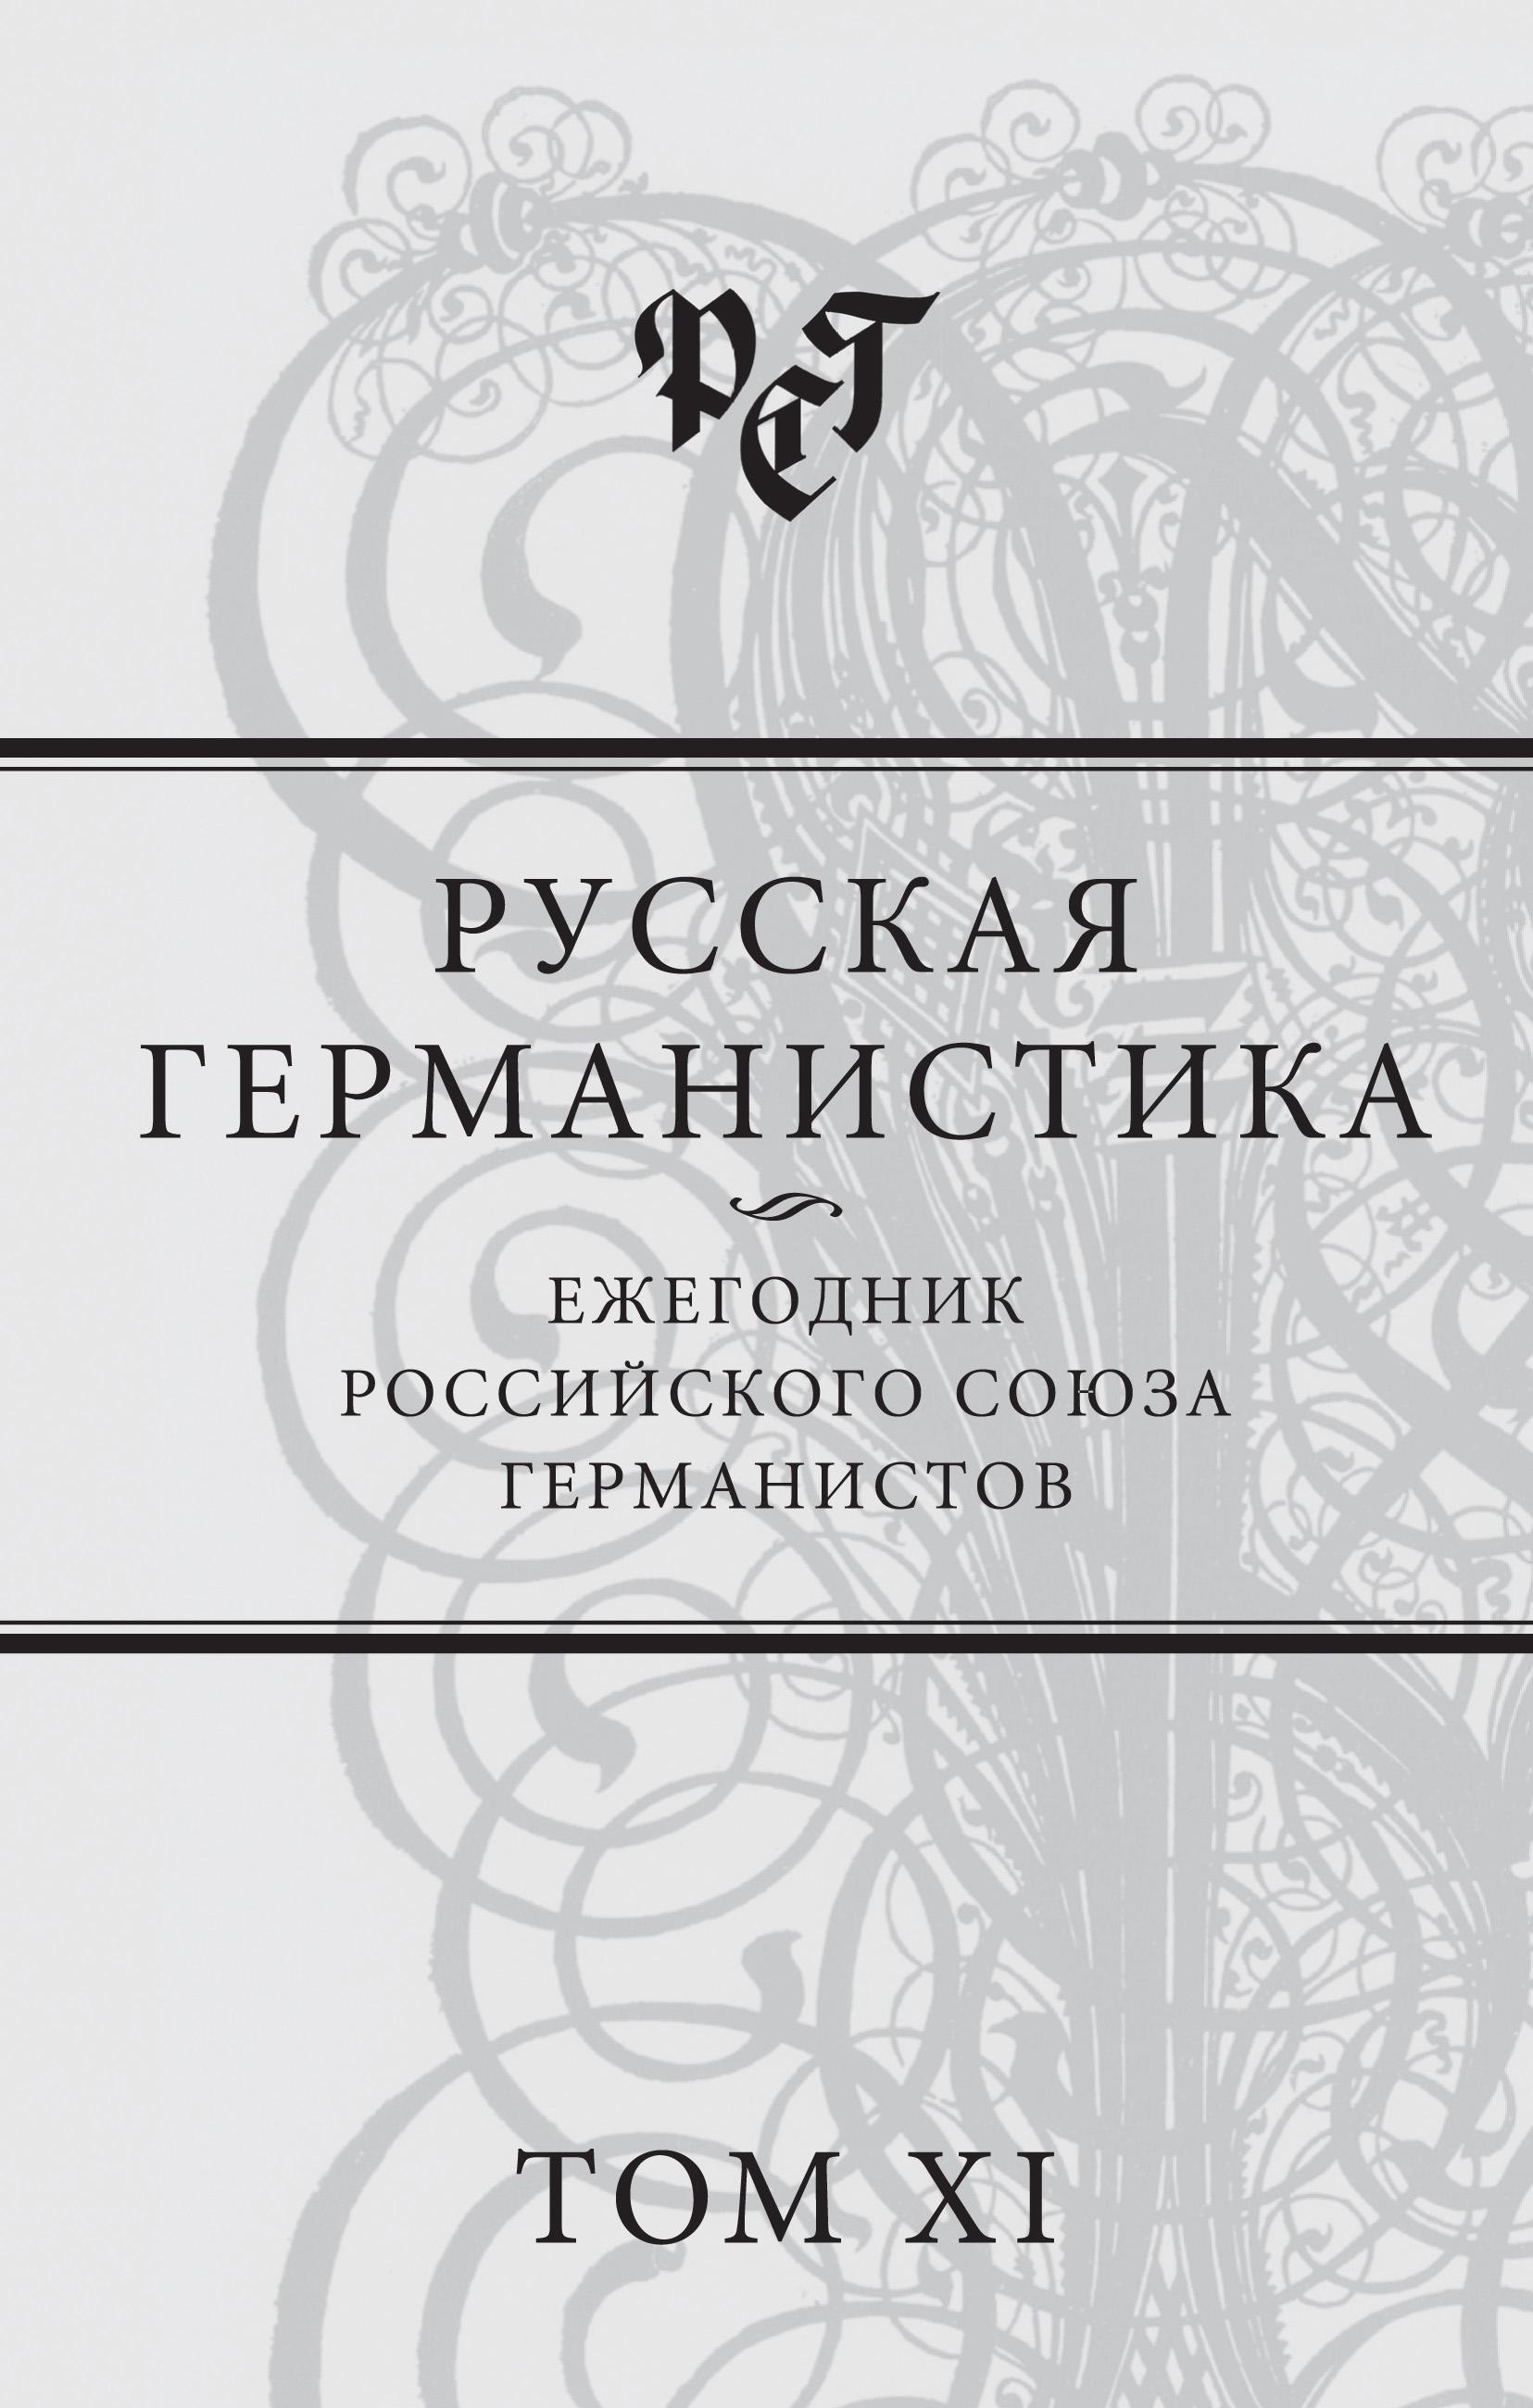 Русская германистика. Ежегодник Российского союза германистов. Том XI